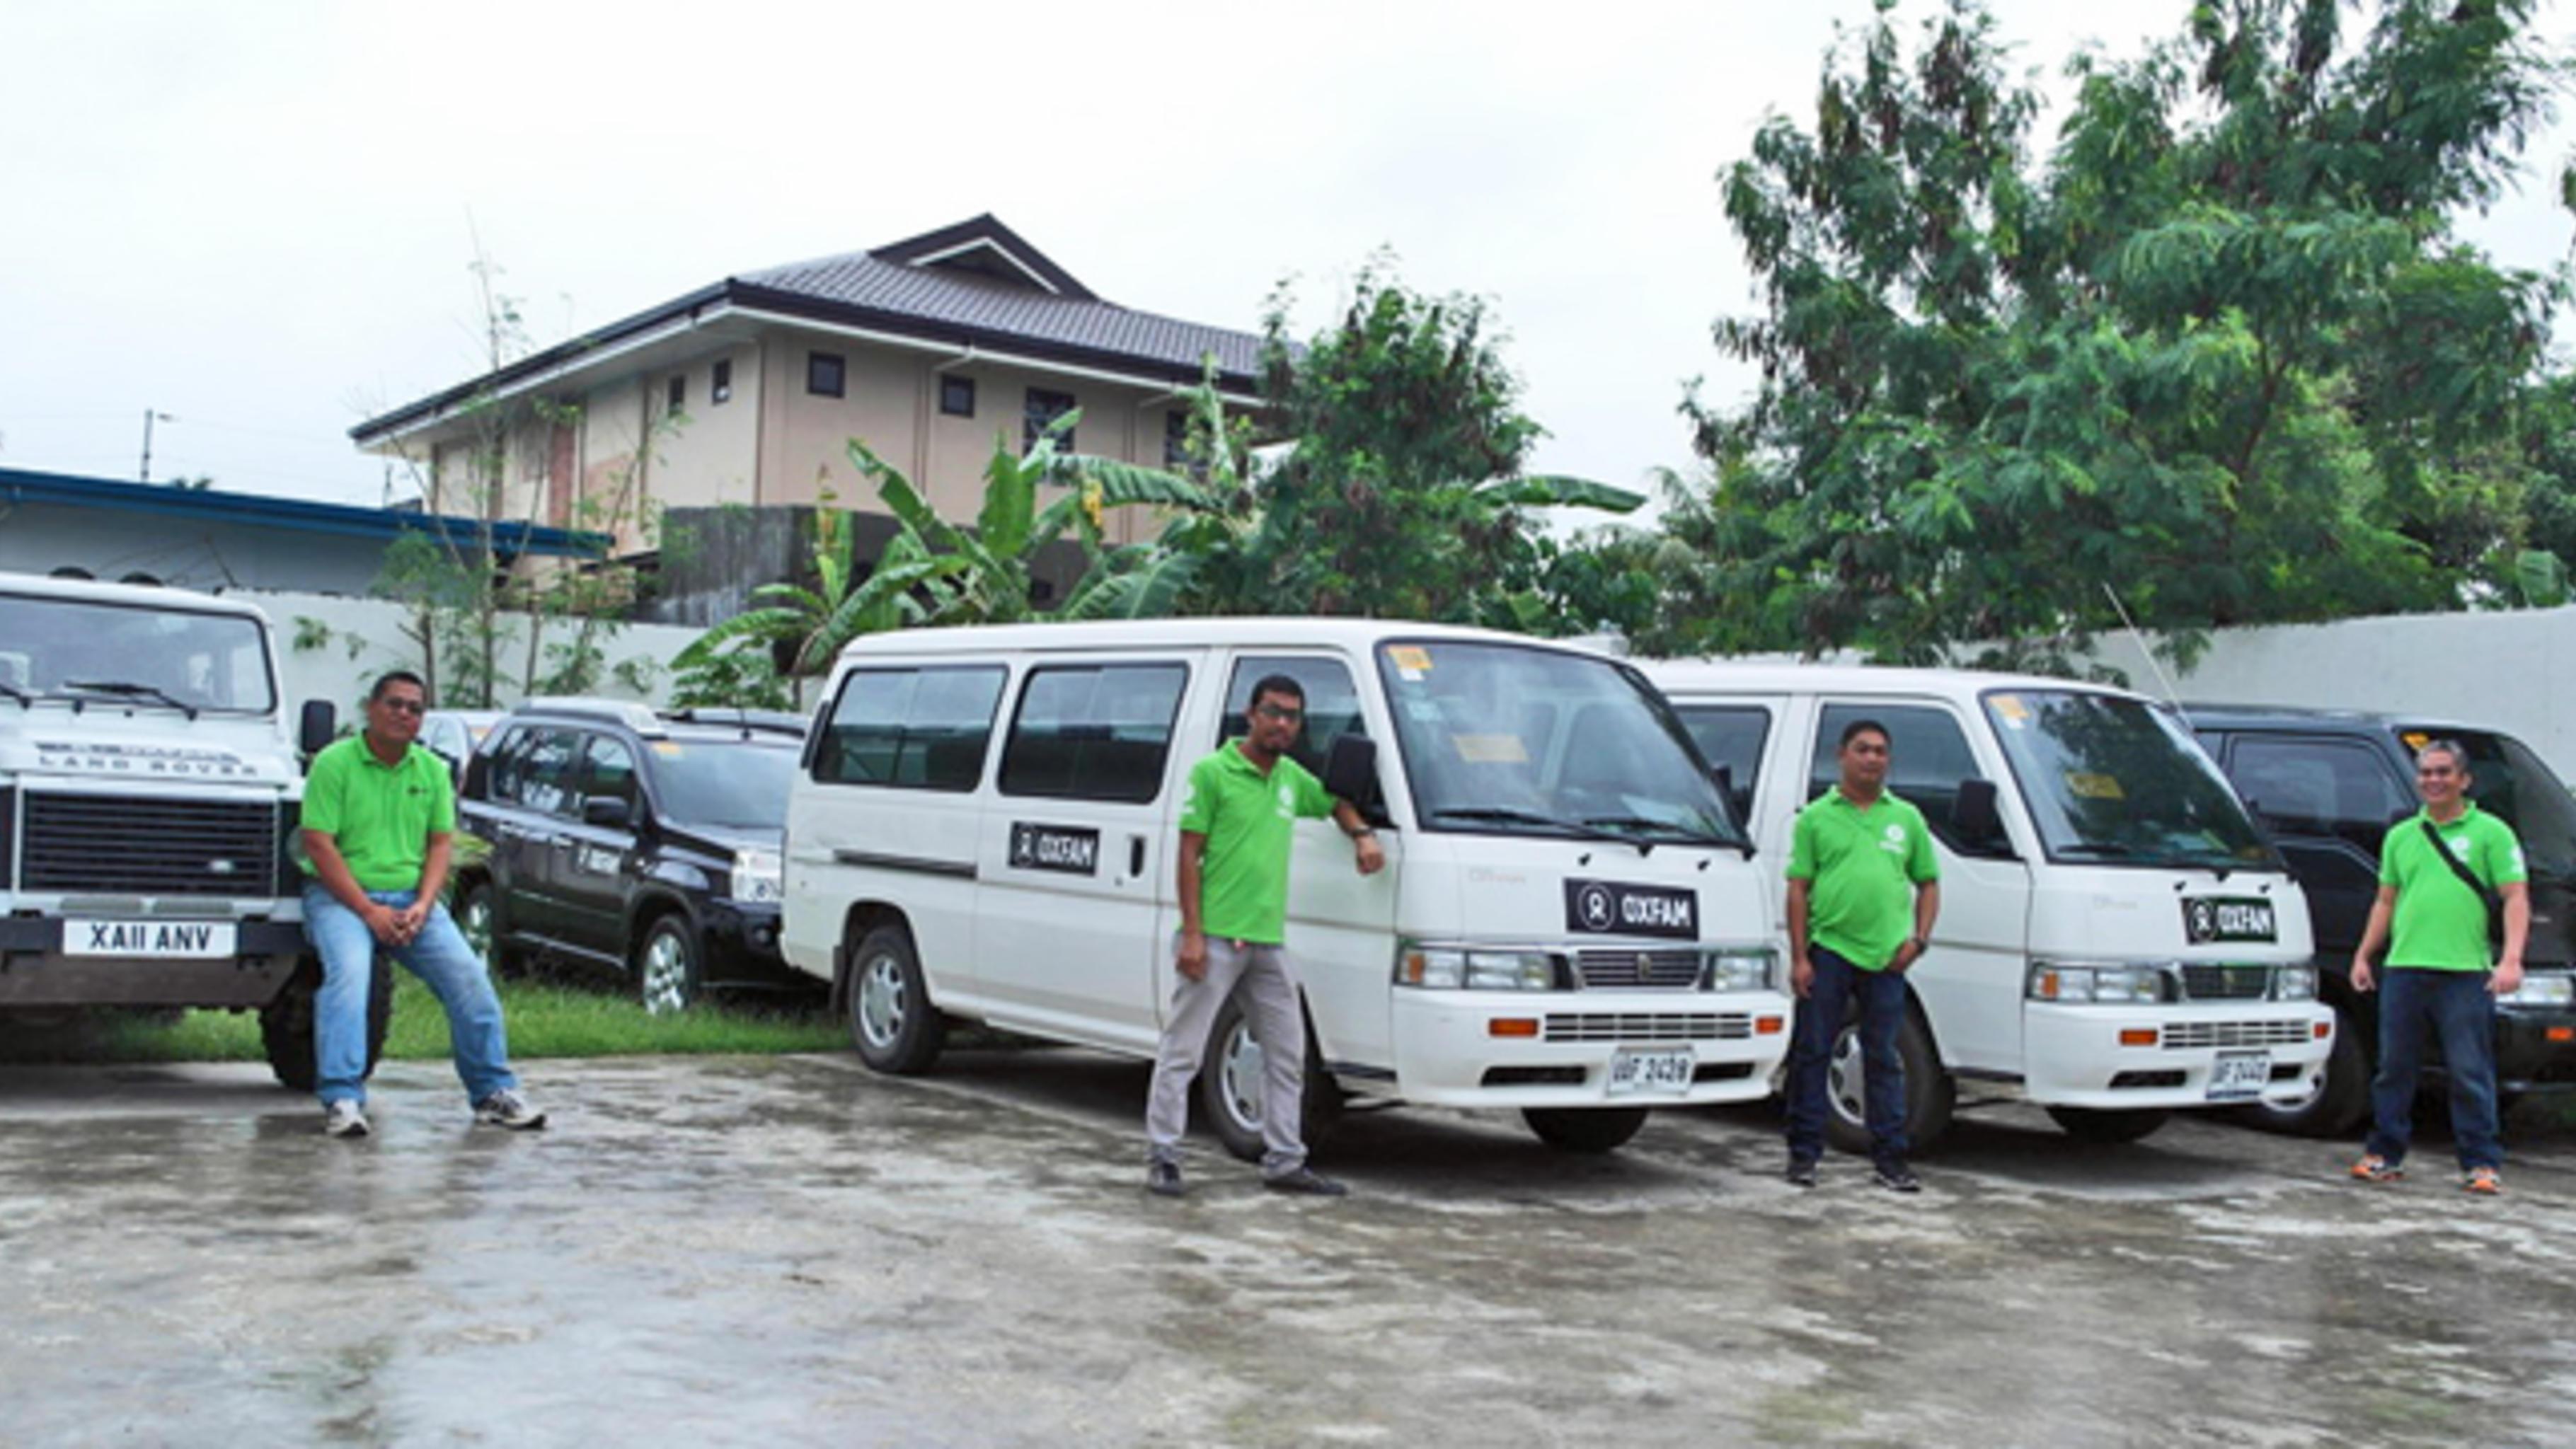 Acht Oxfam Fahrzeuge stehen bereit